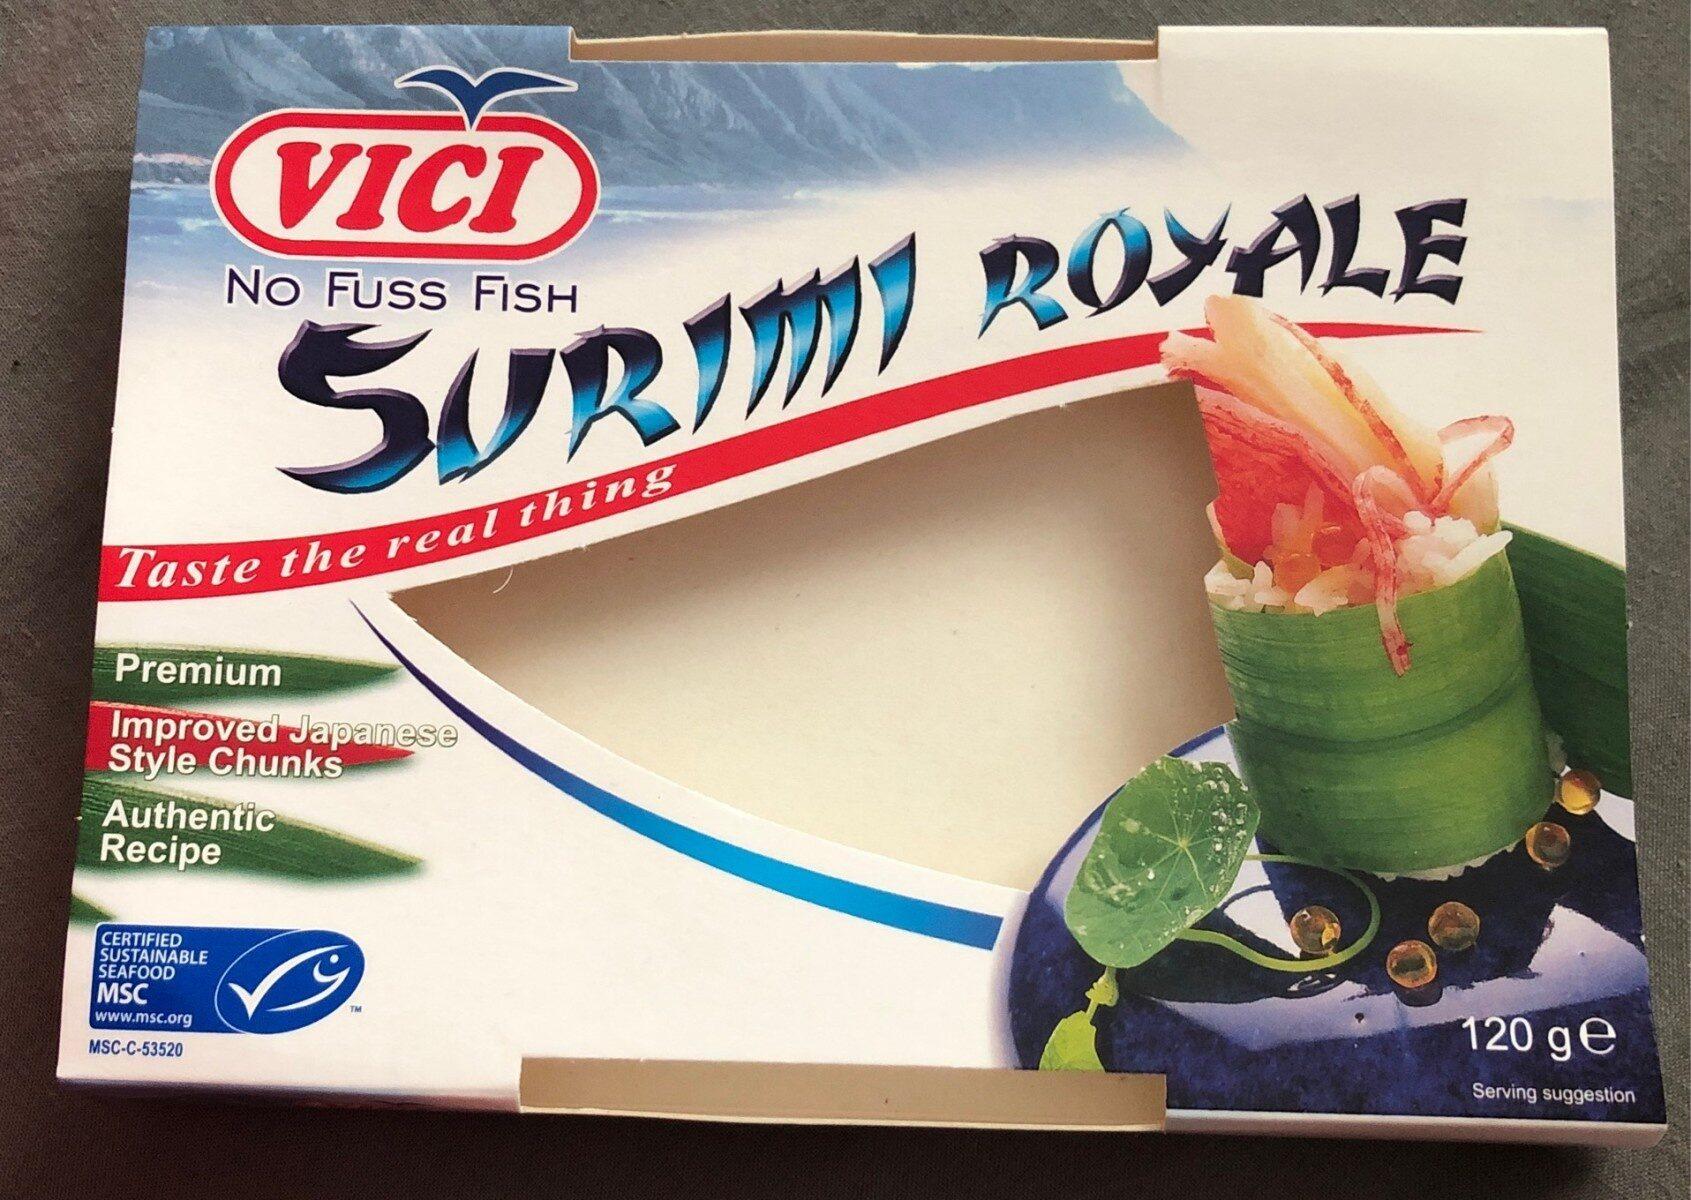 Surimi Royale seafood sticks - Product